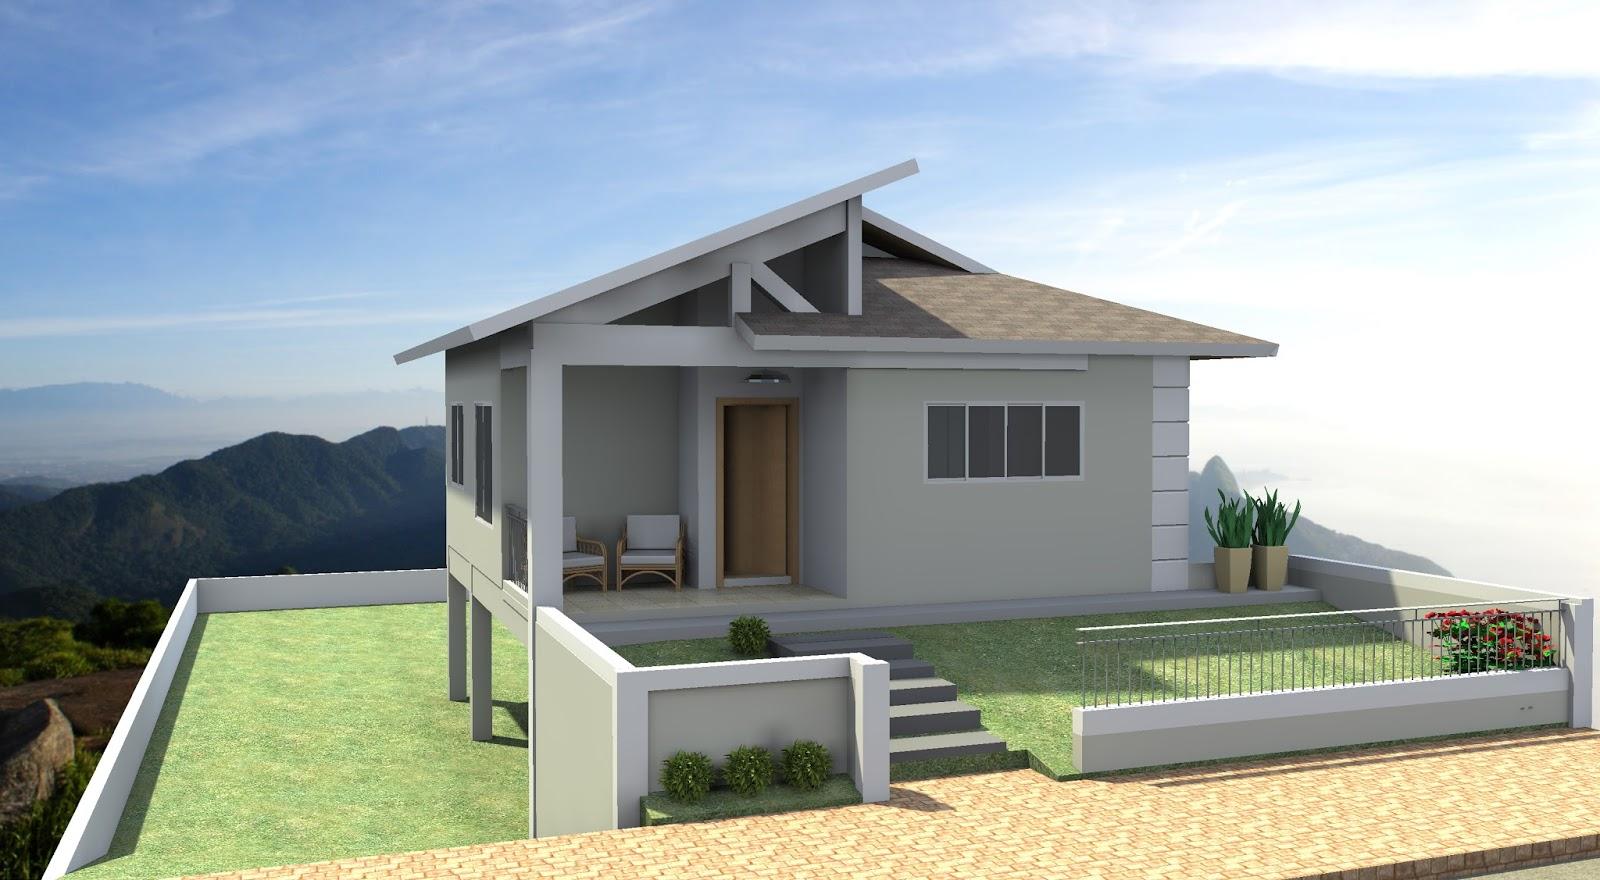 banheiro sala de estar jantar cozinha área de serviço e varanda #30609B 1600 880